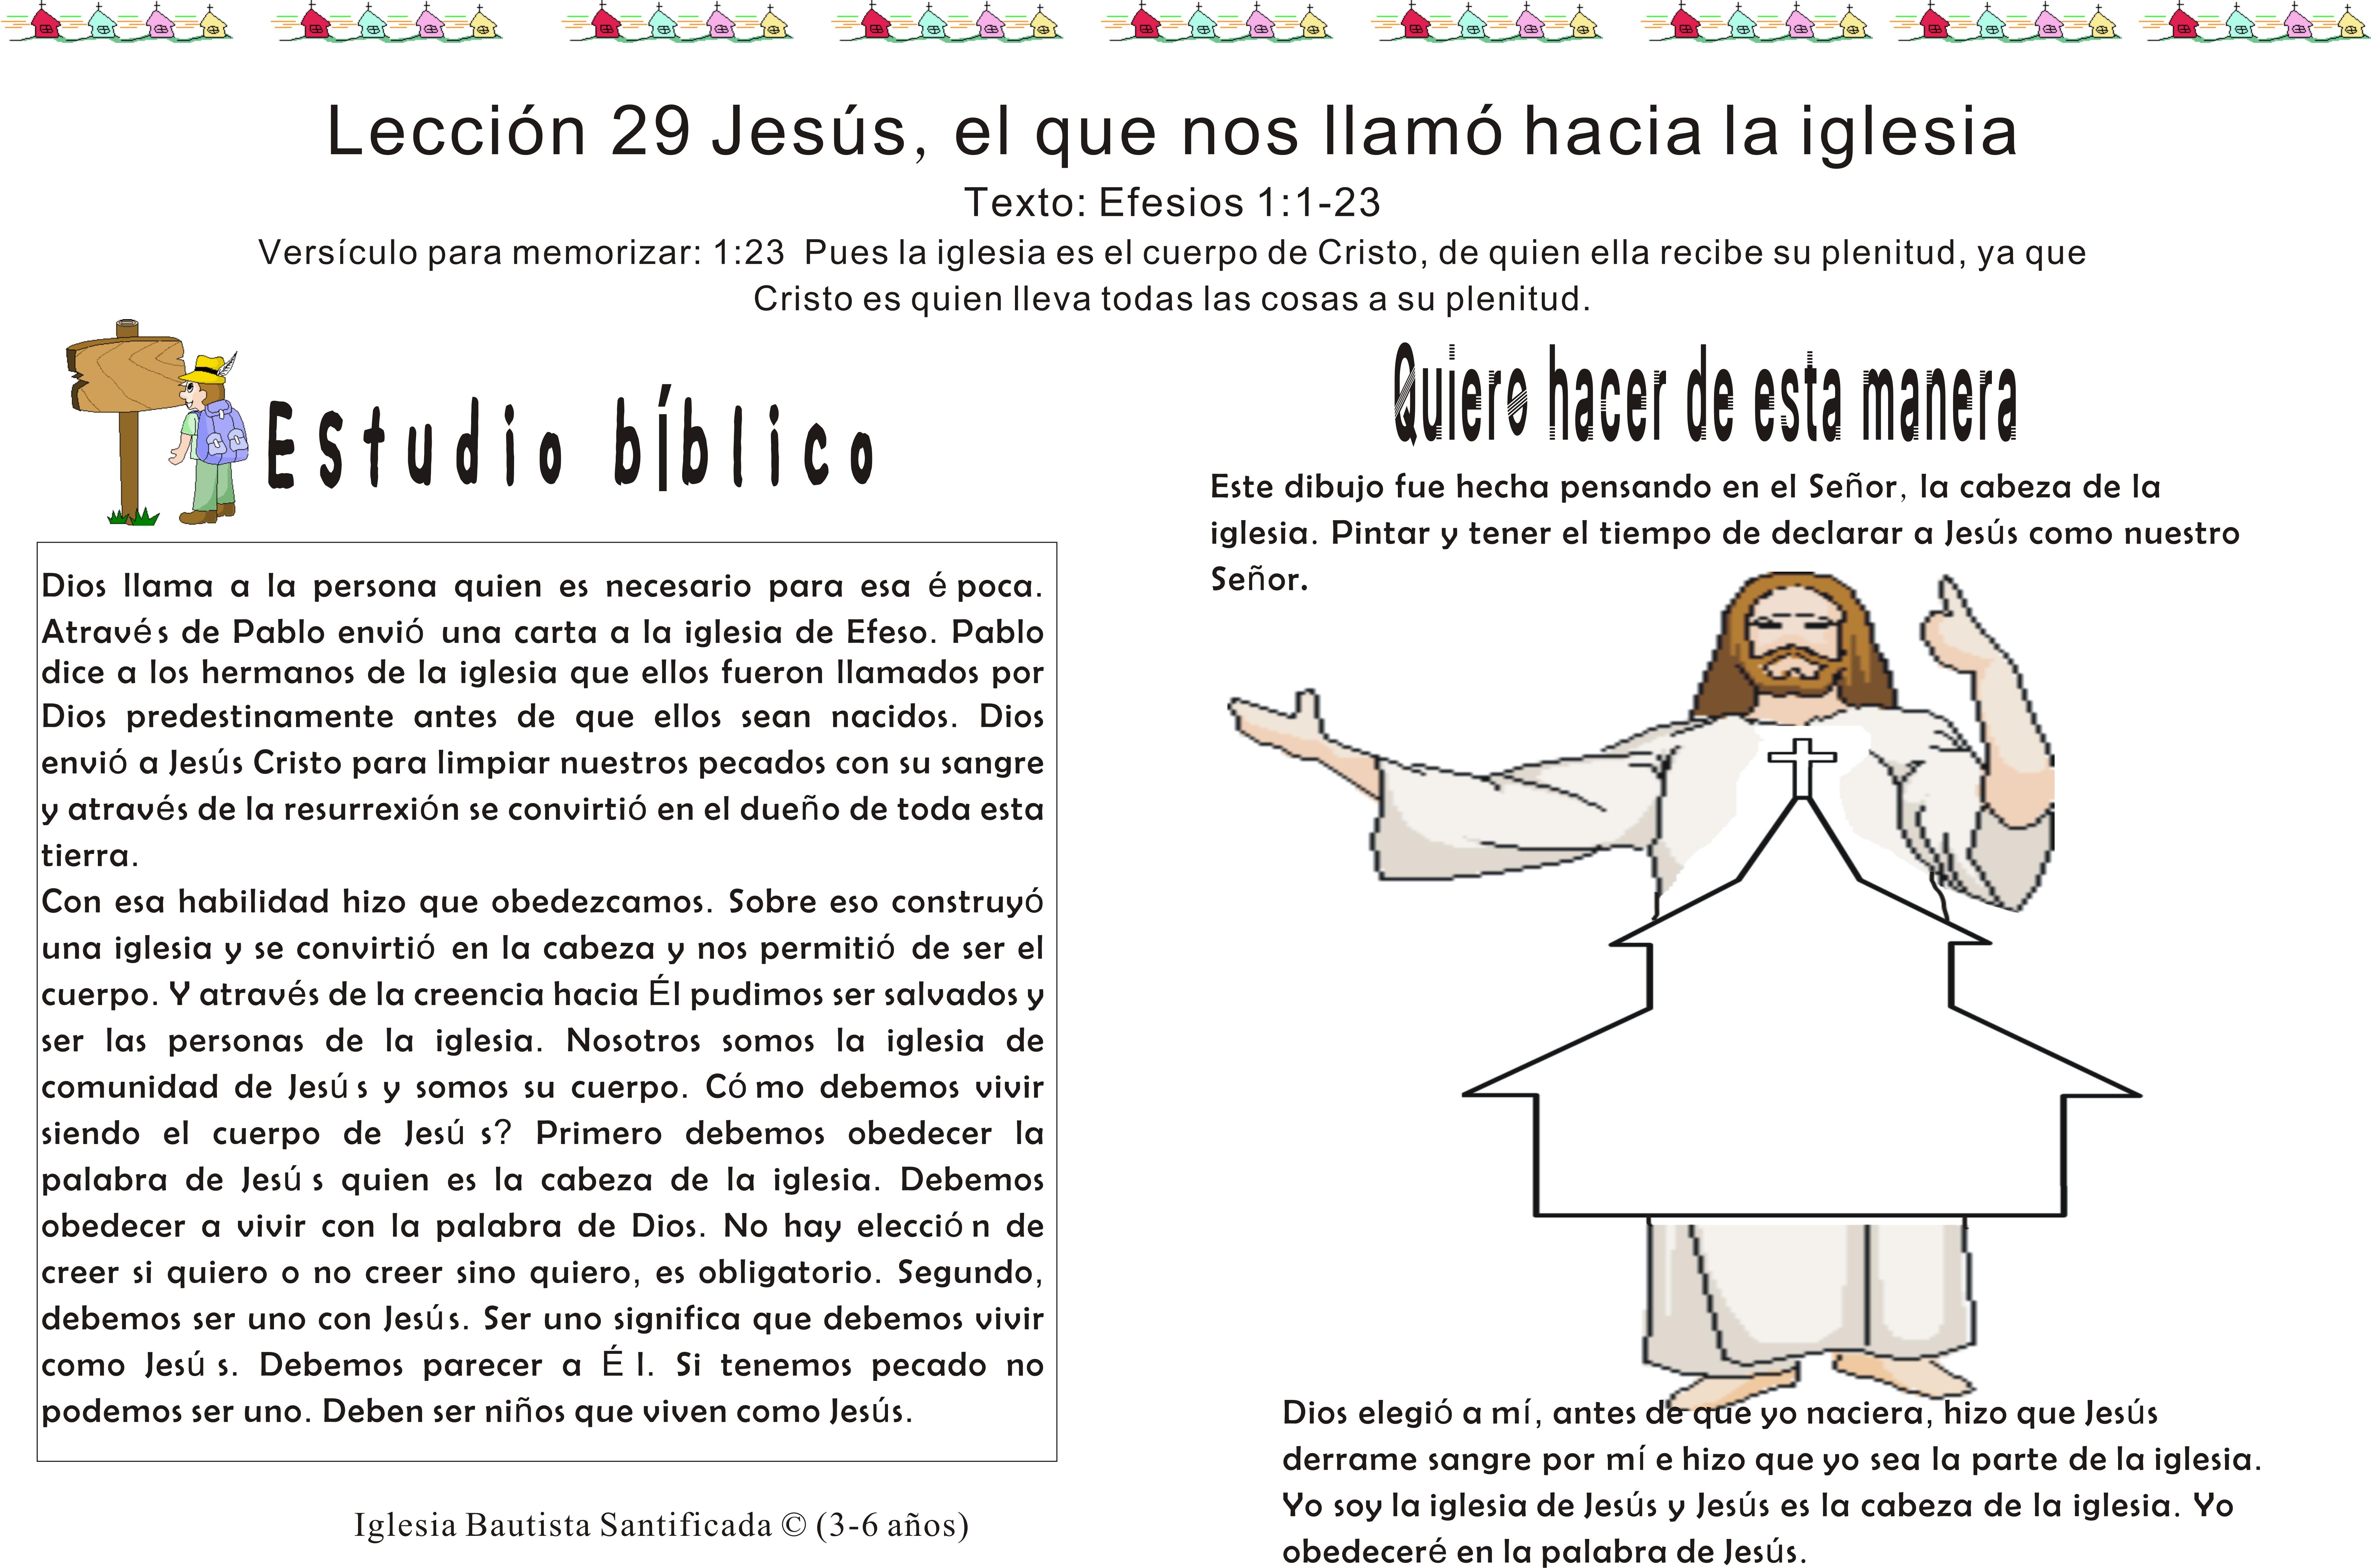 Lección 29 Jesús, el que nos llamó hacia la iglesia | Iglesia de Niños